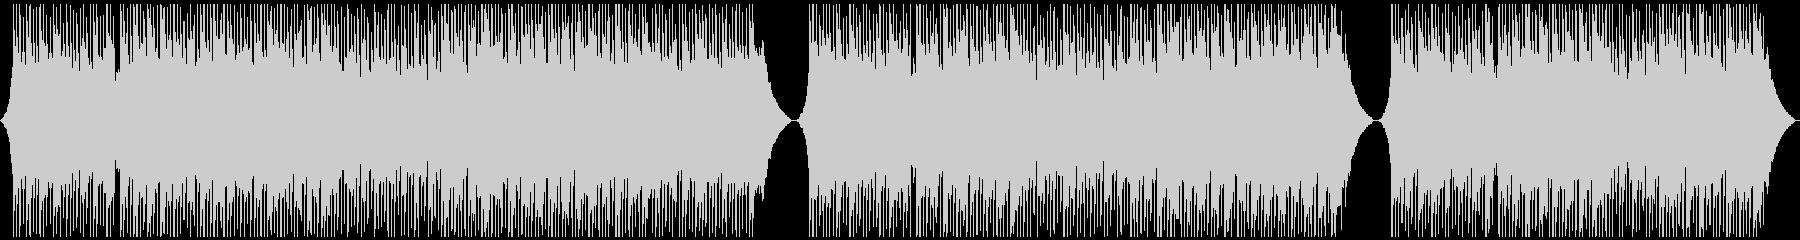 モダン 実験的 アンビエント コー...の未再生の波形